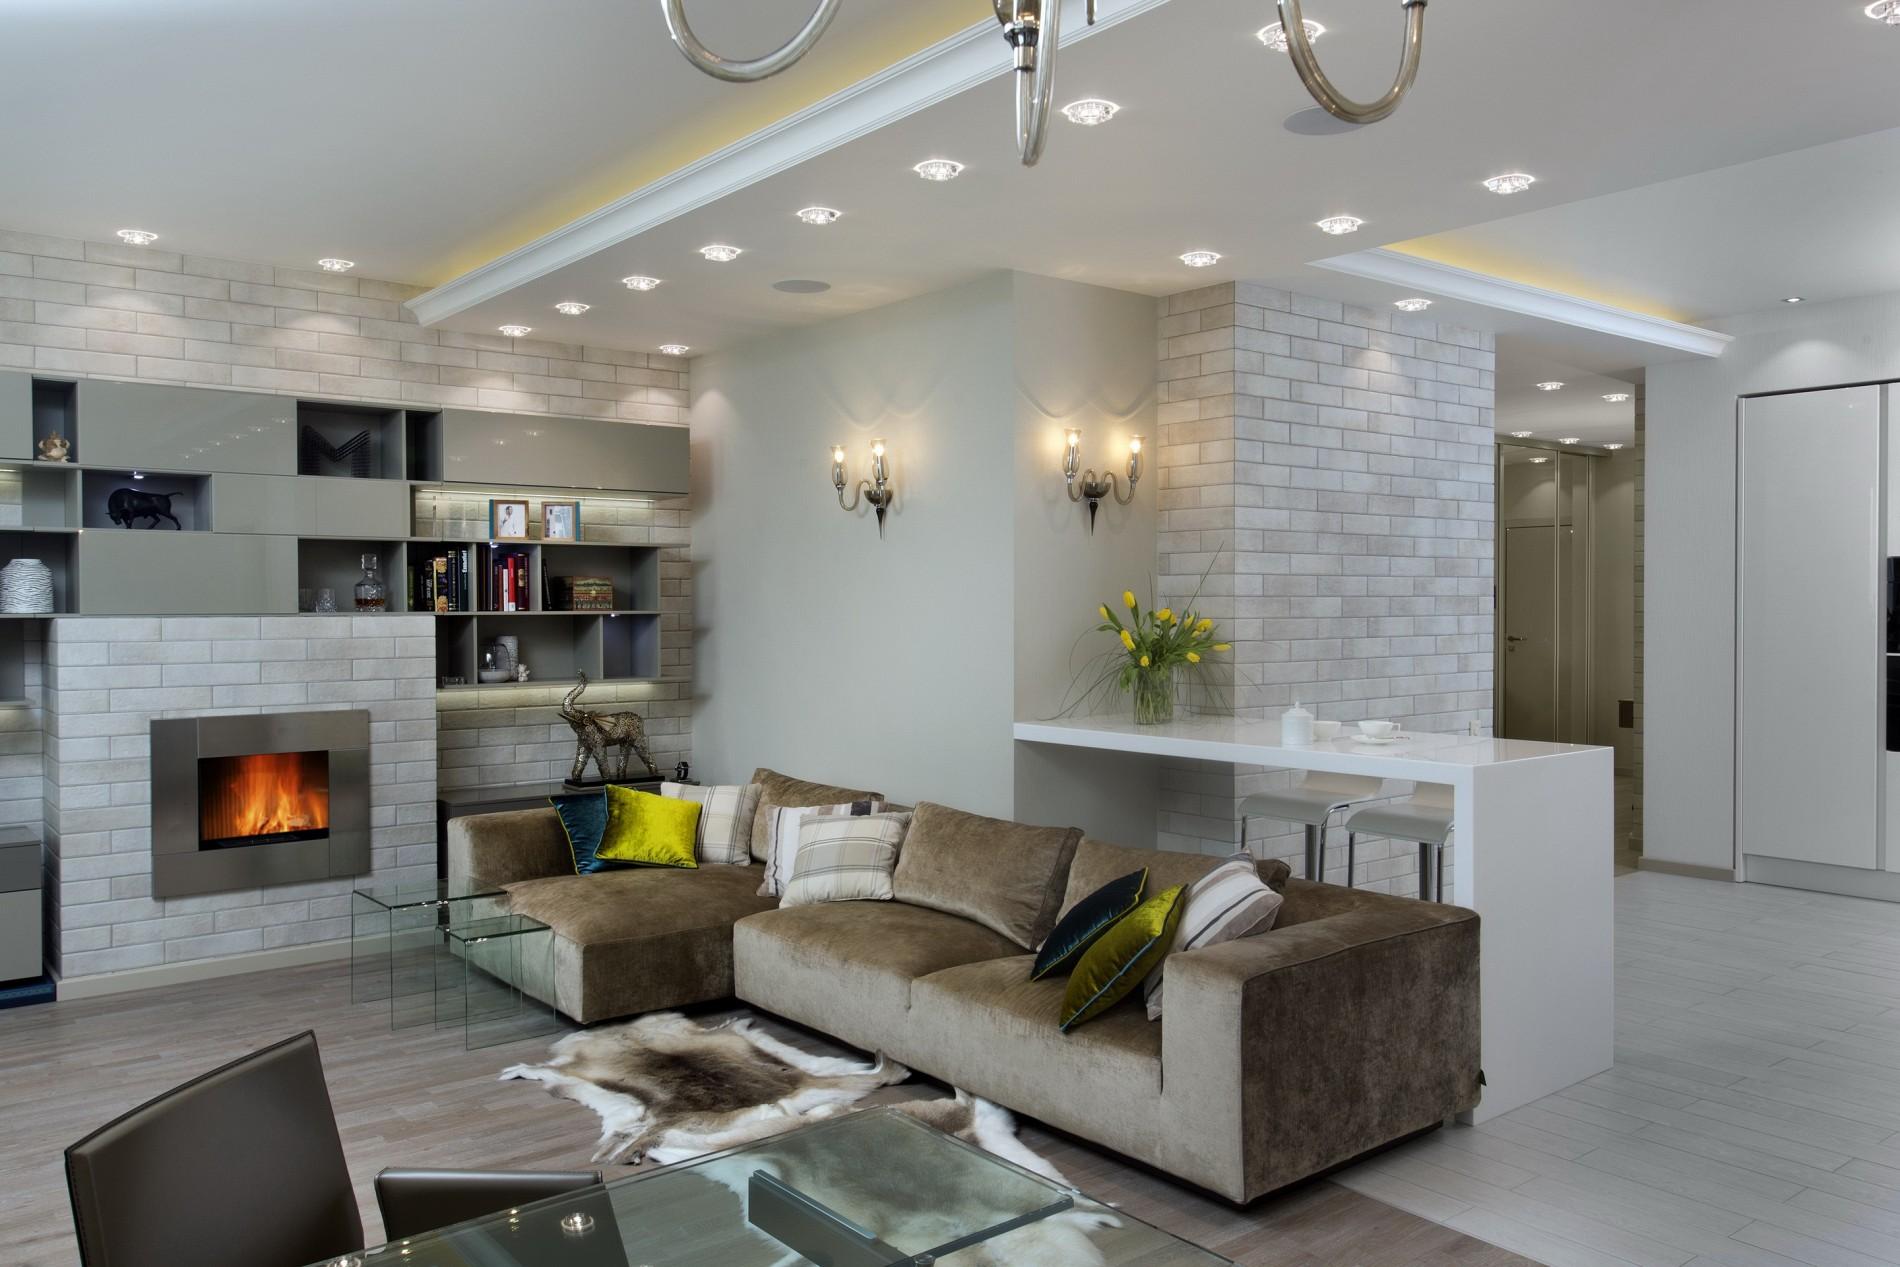 ЖК «Северный Парк» купить квартиру с дизайнерским интерьером